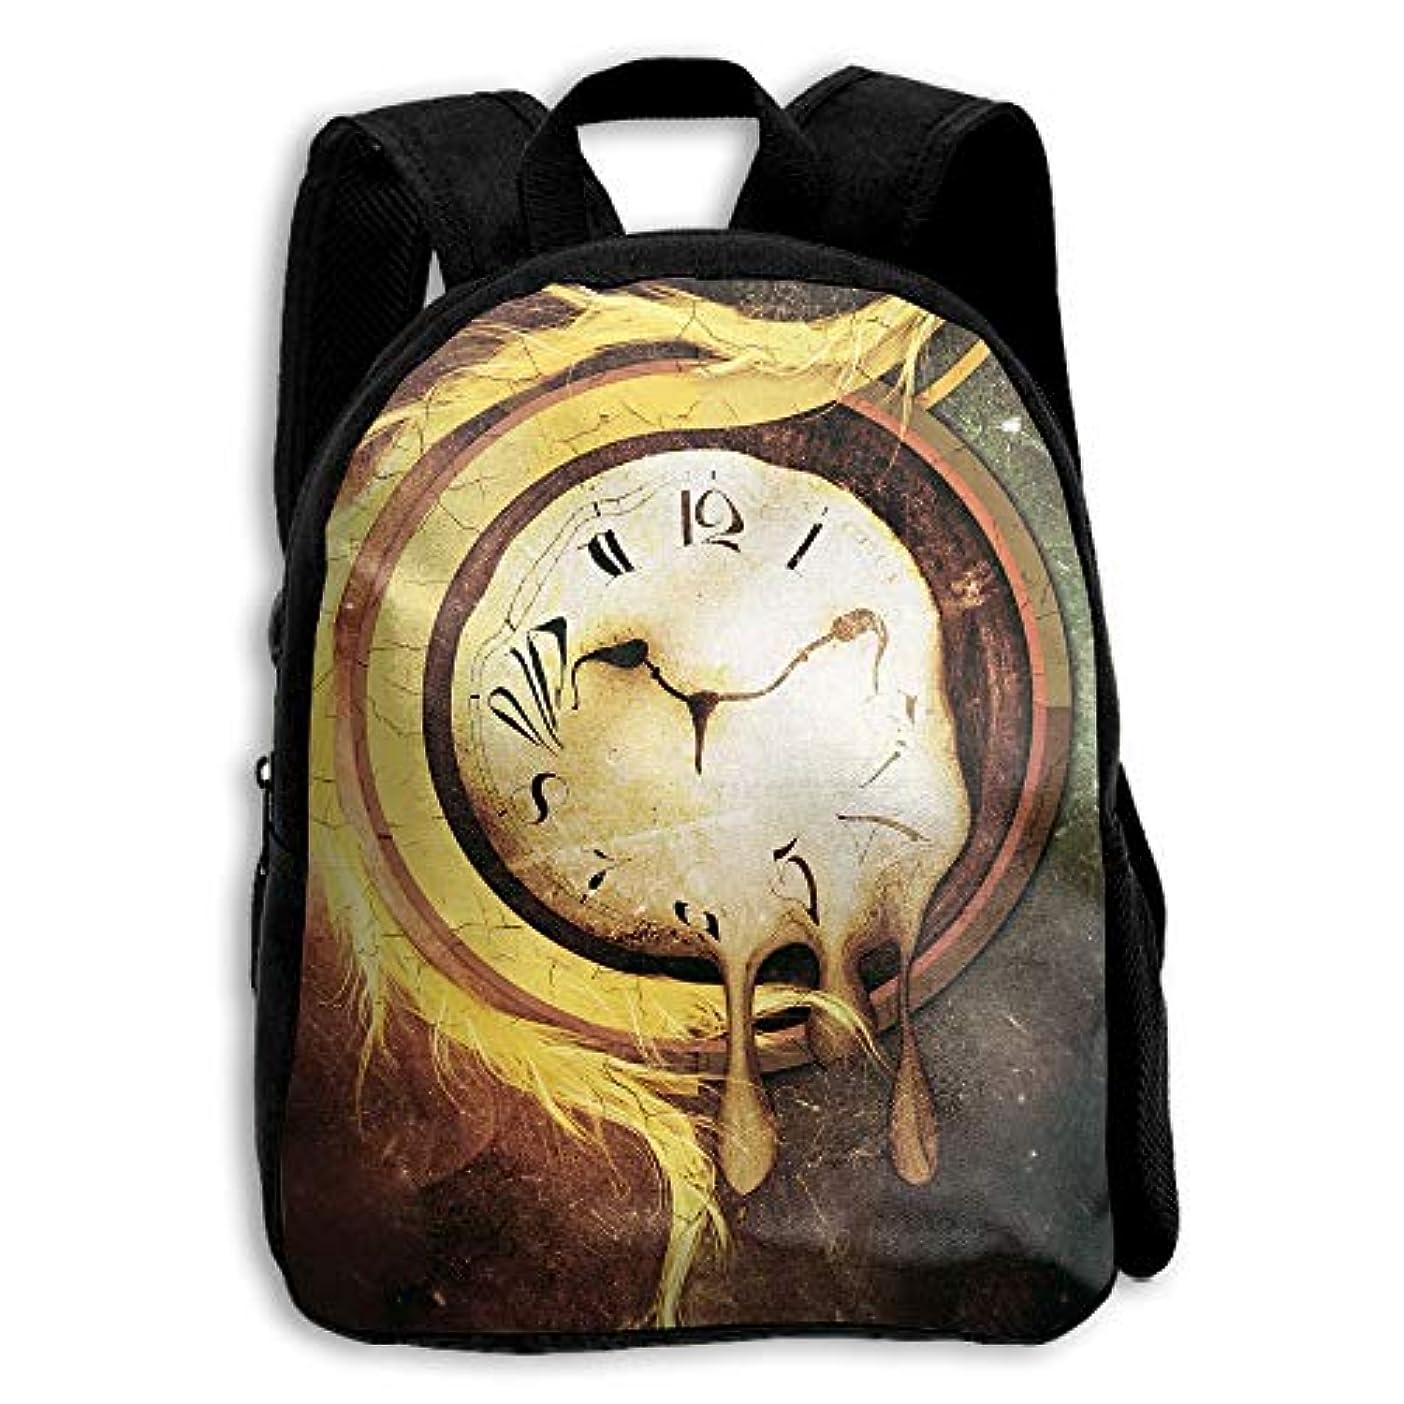 飢導入するメディックキッズ バックパック 子供用 リュックサック 抽象的な時計 ショルダー デイパック アウトドア 男の子 女の子 通学 旅行 遠足